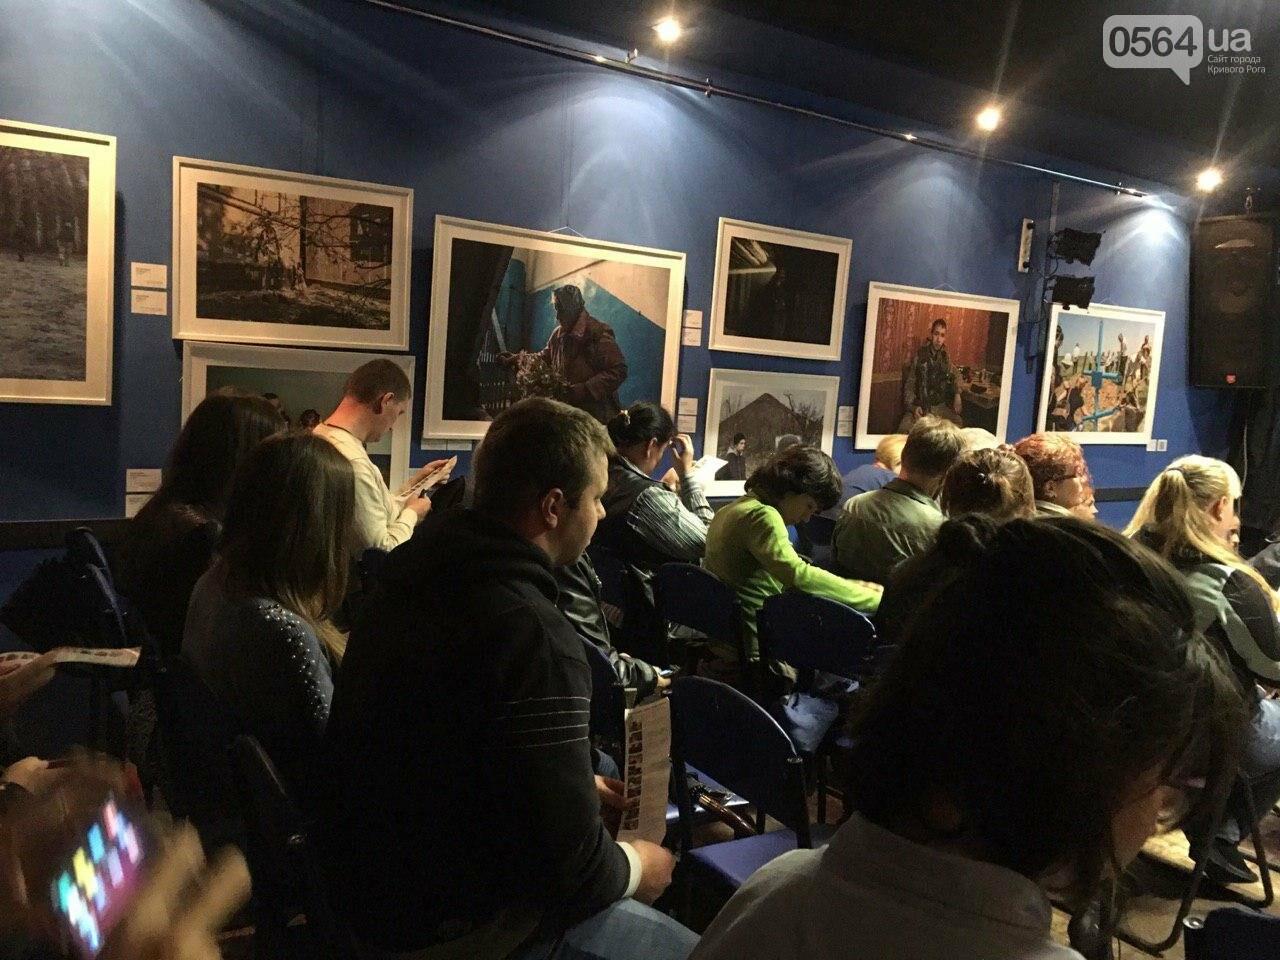 Криворожане проголосовали за лучшие короткометражные фильмы, показанные в рамках Манхеттенского фестиваля, - ФОТО, ВИДЕО , фото-15